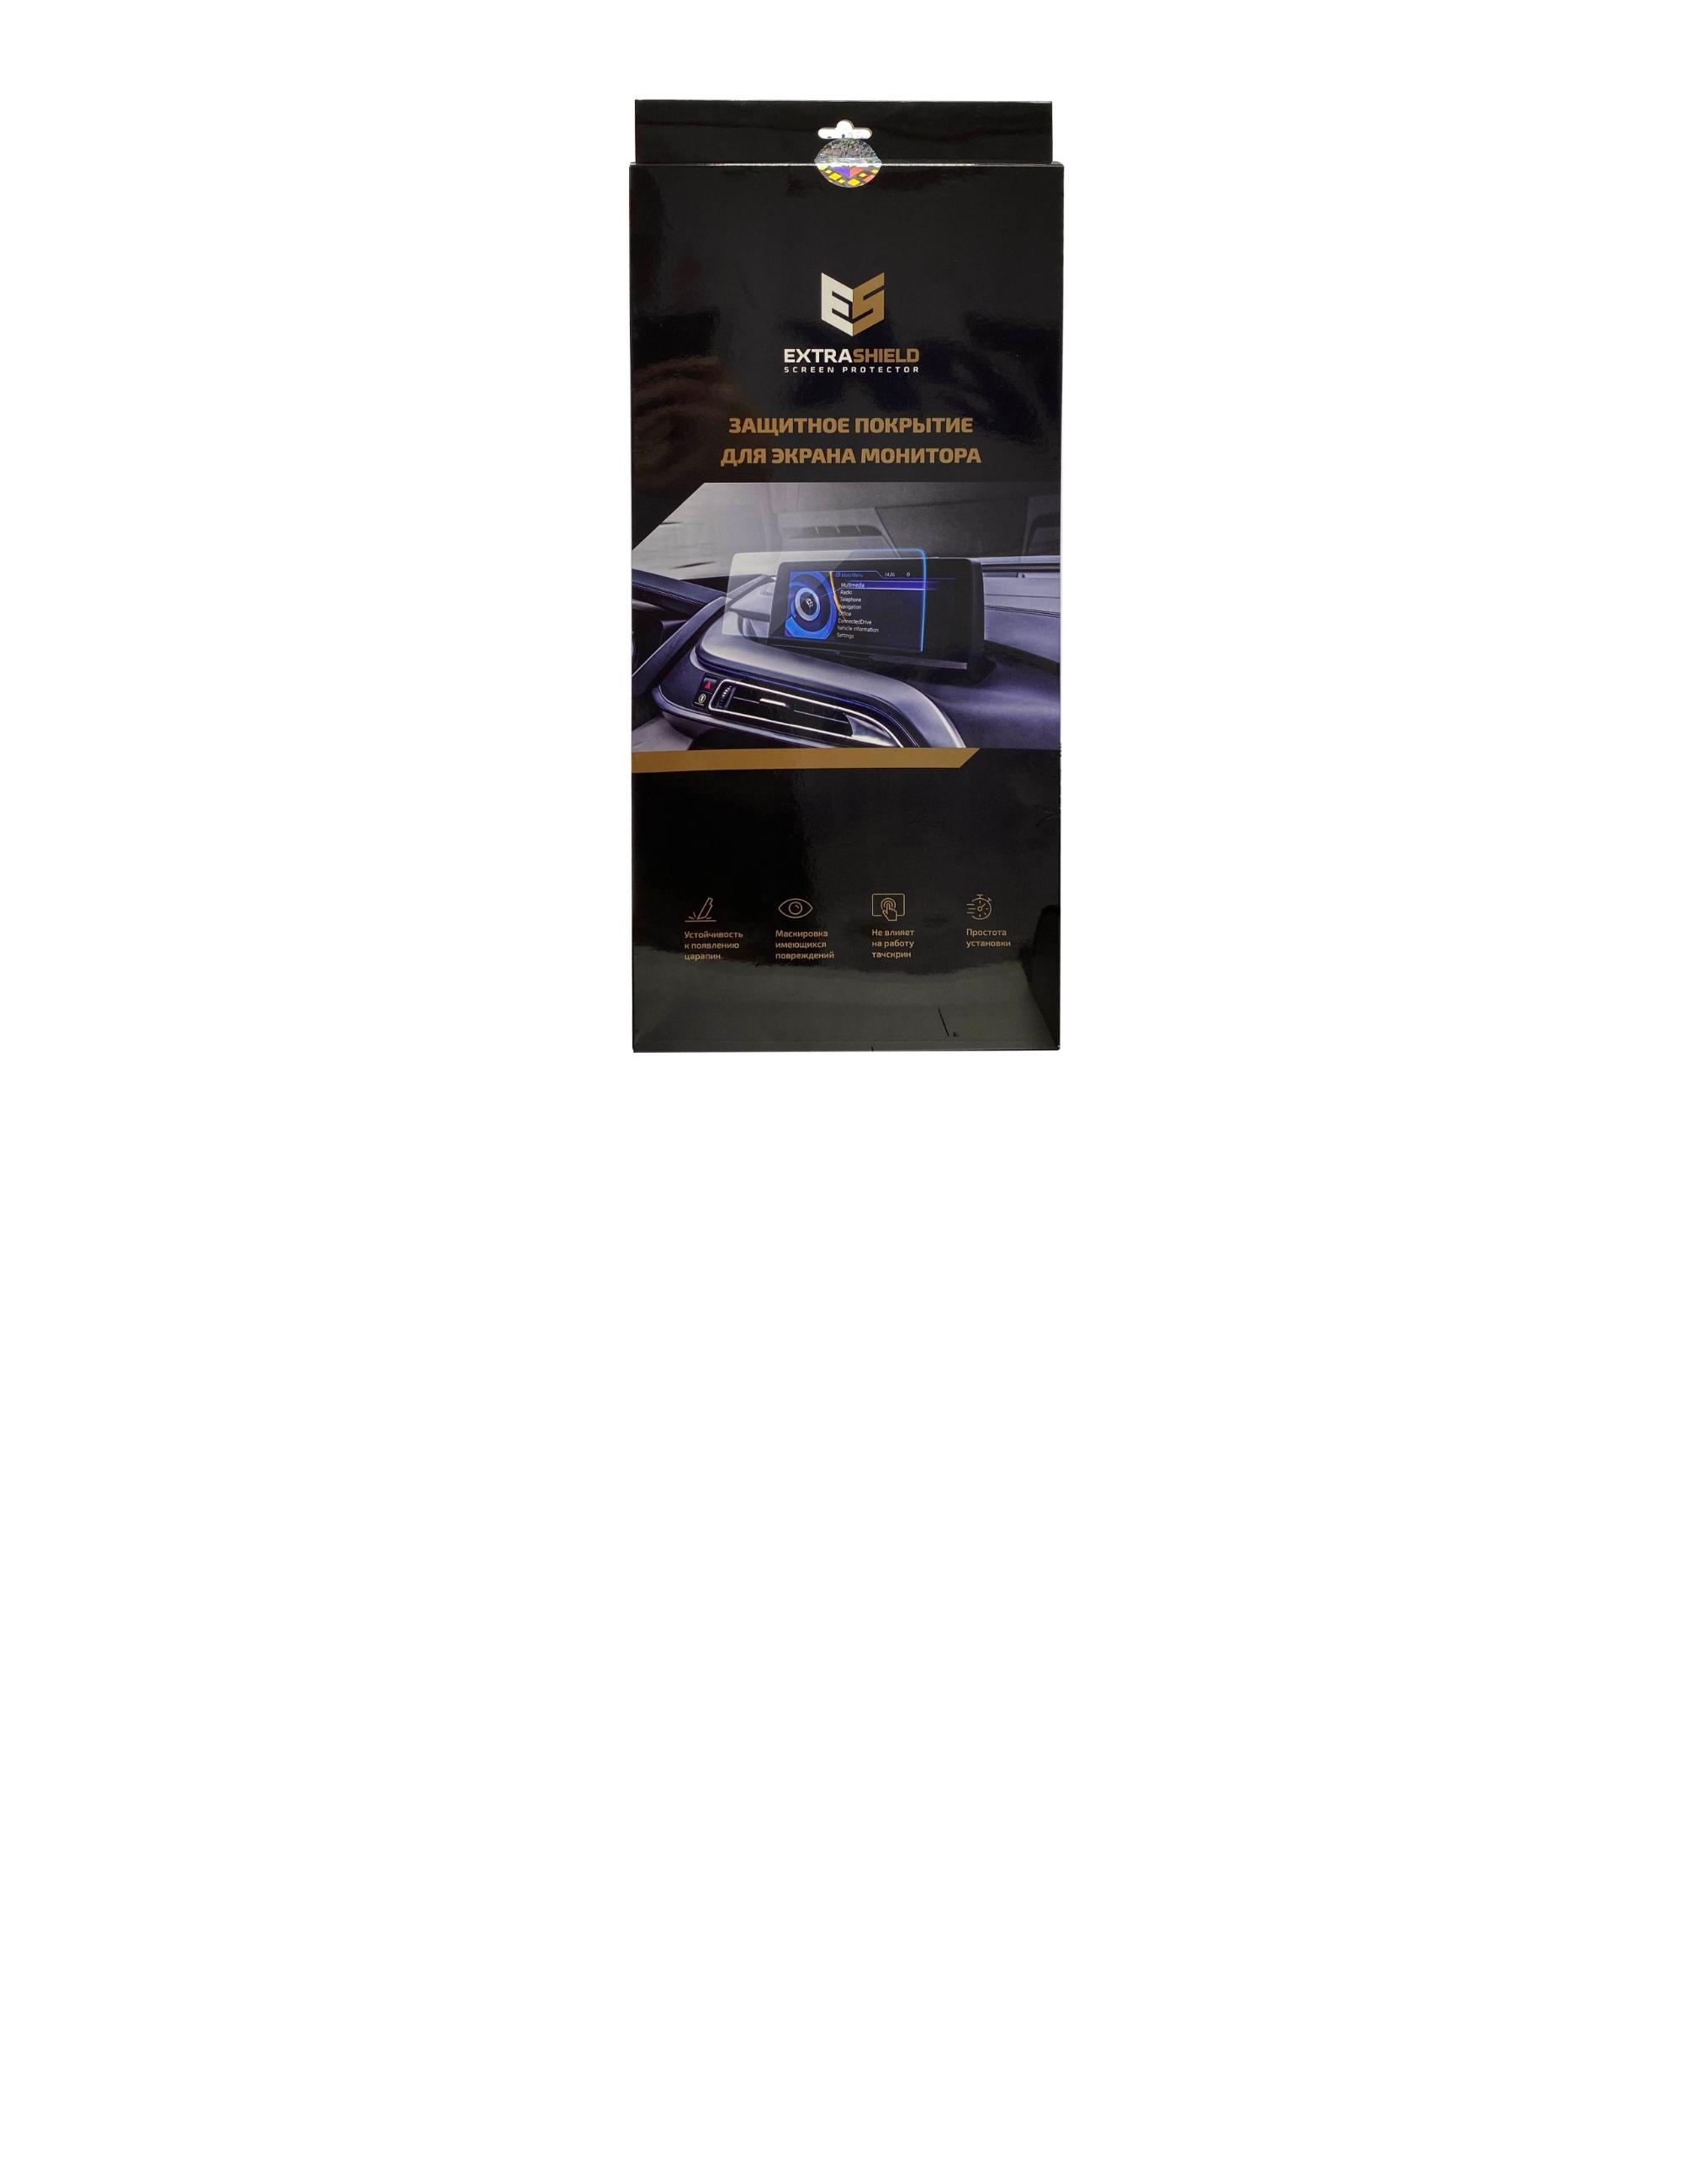 Mercedes-Benz GLS (W167) 2019 - н.в. приборная панель+мультимедиа 12,3 Защитное стекло Глянец